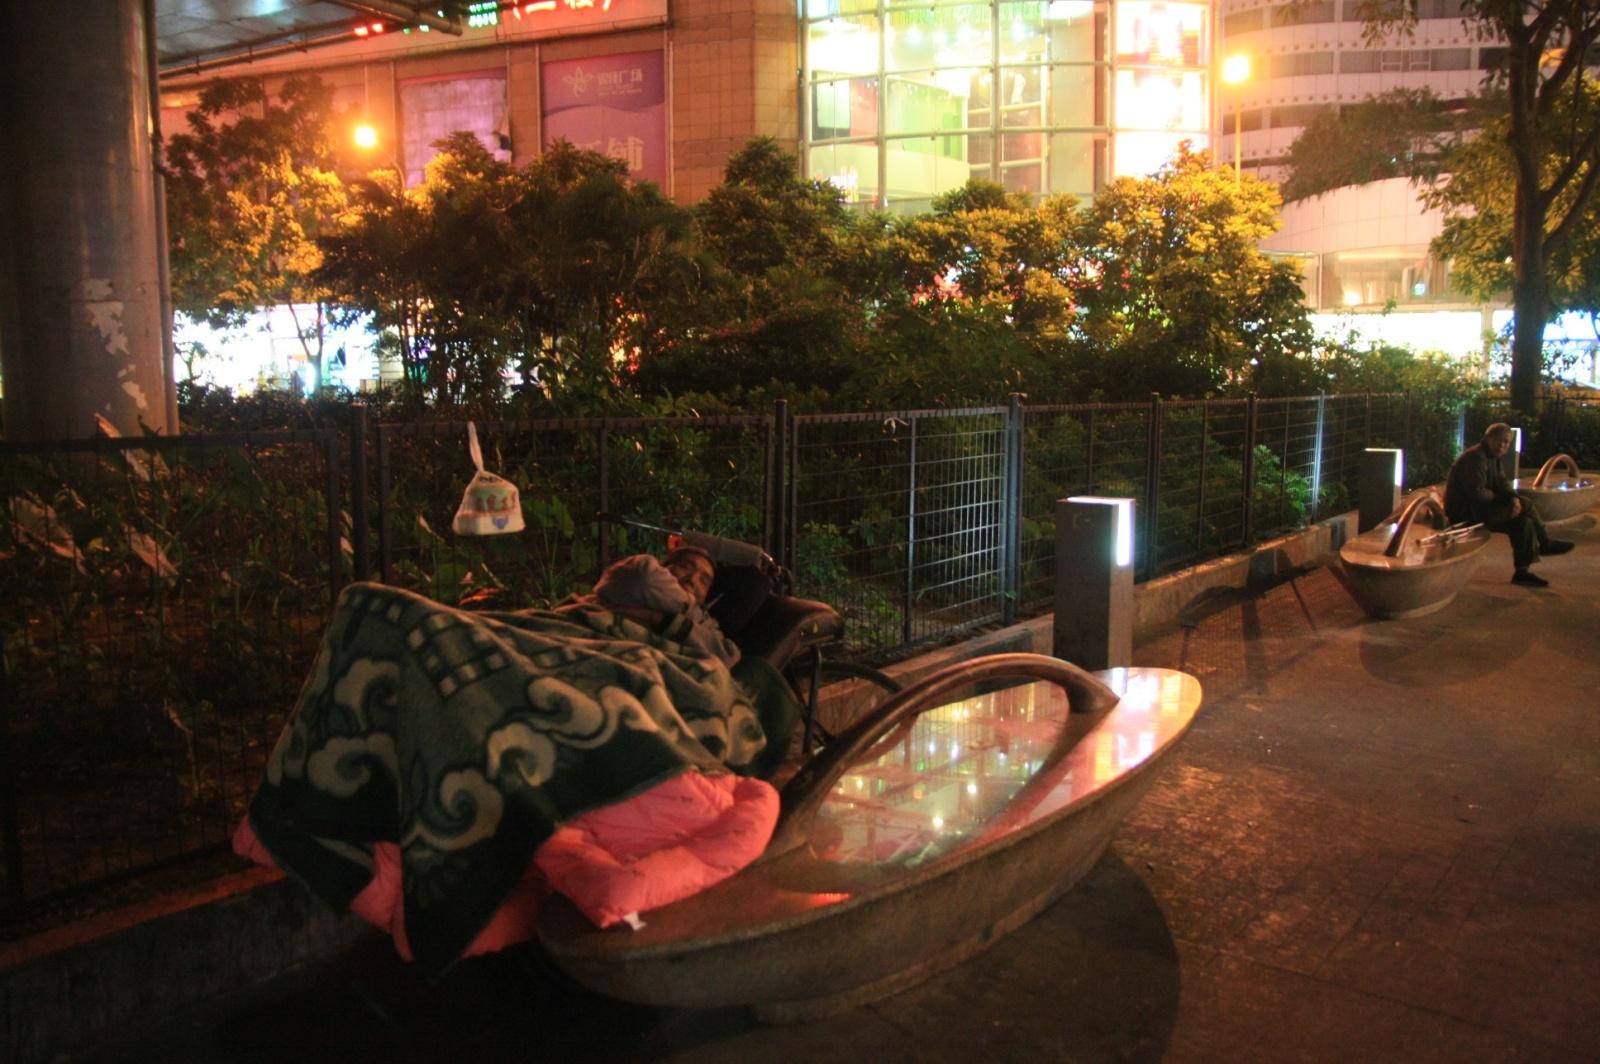 Chinese homeless guys